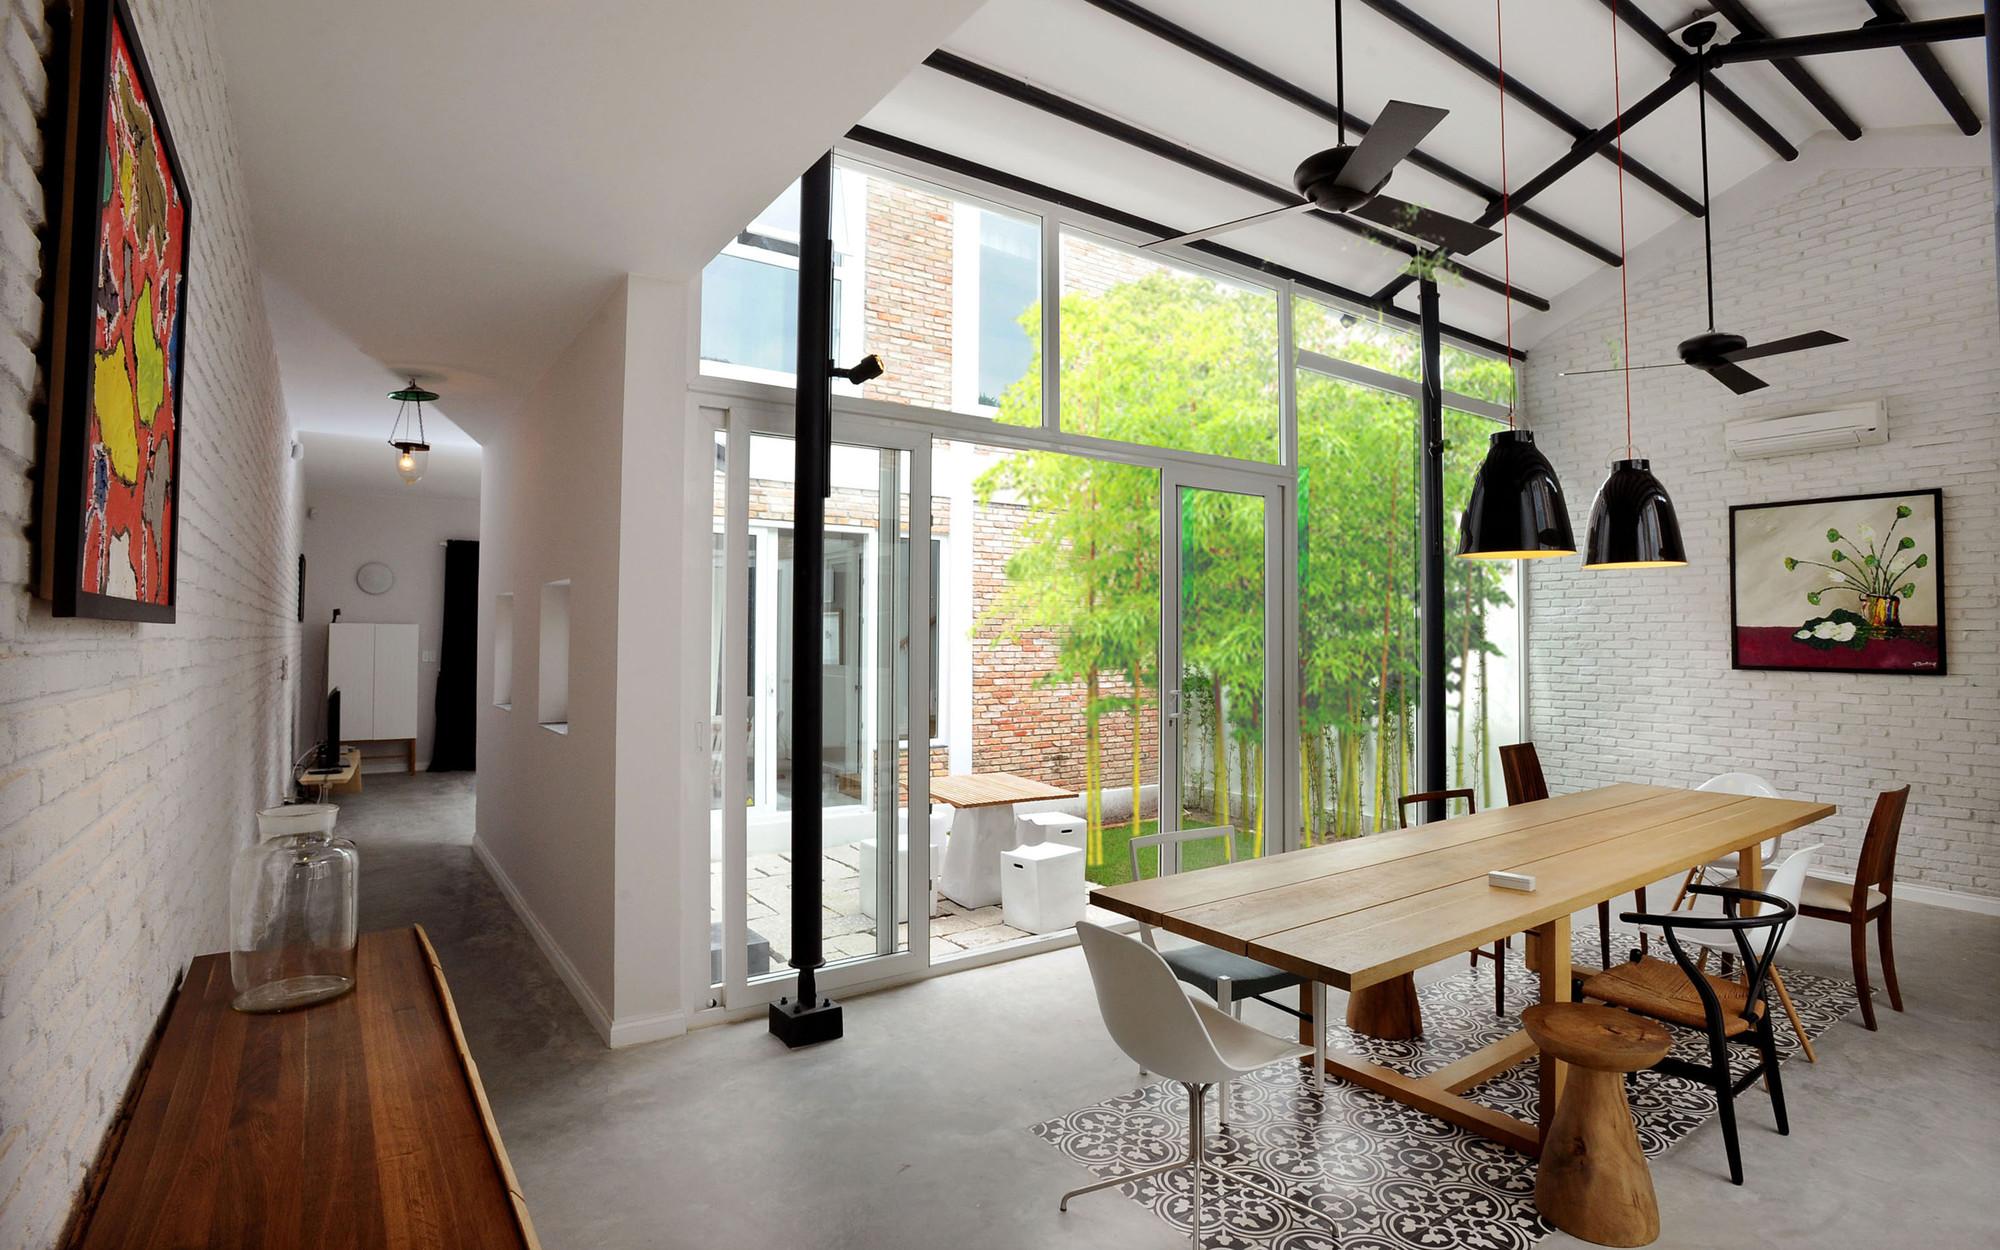 Nhadepvietnam ModernTubeHouse  - Modern Tube House - Nhà ống hiện đại với nhiều khoảng xanh phá cách